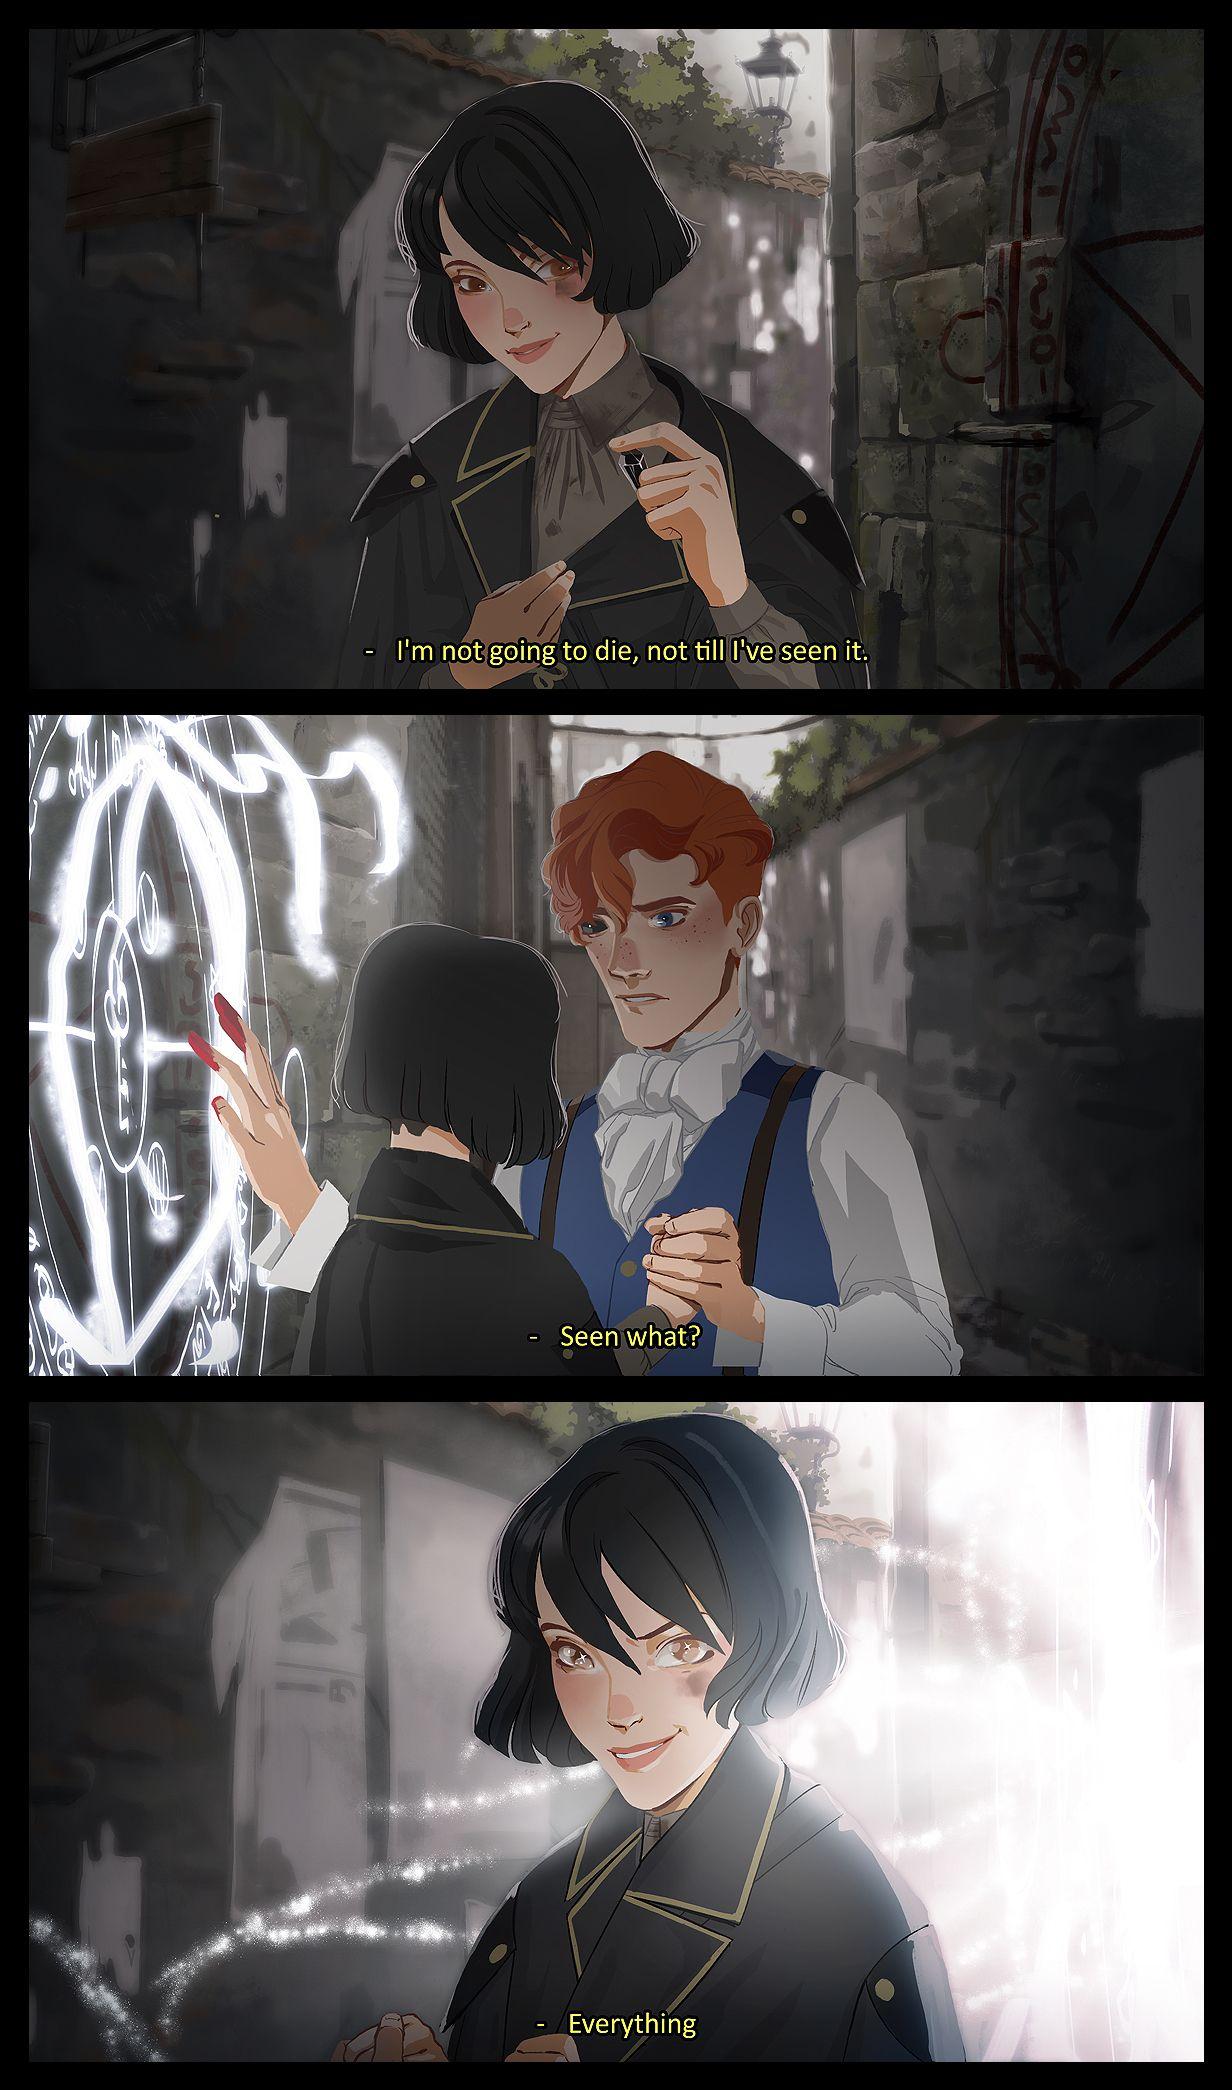 Erwachsene anime fan art fur